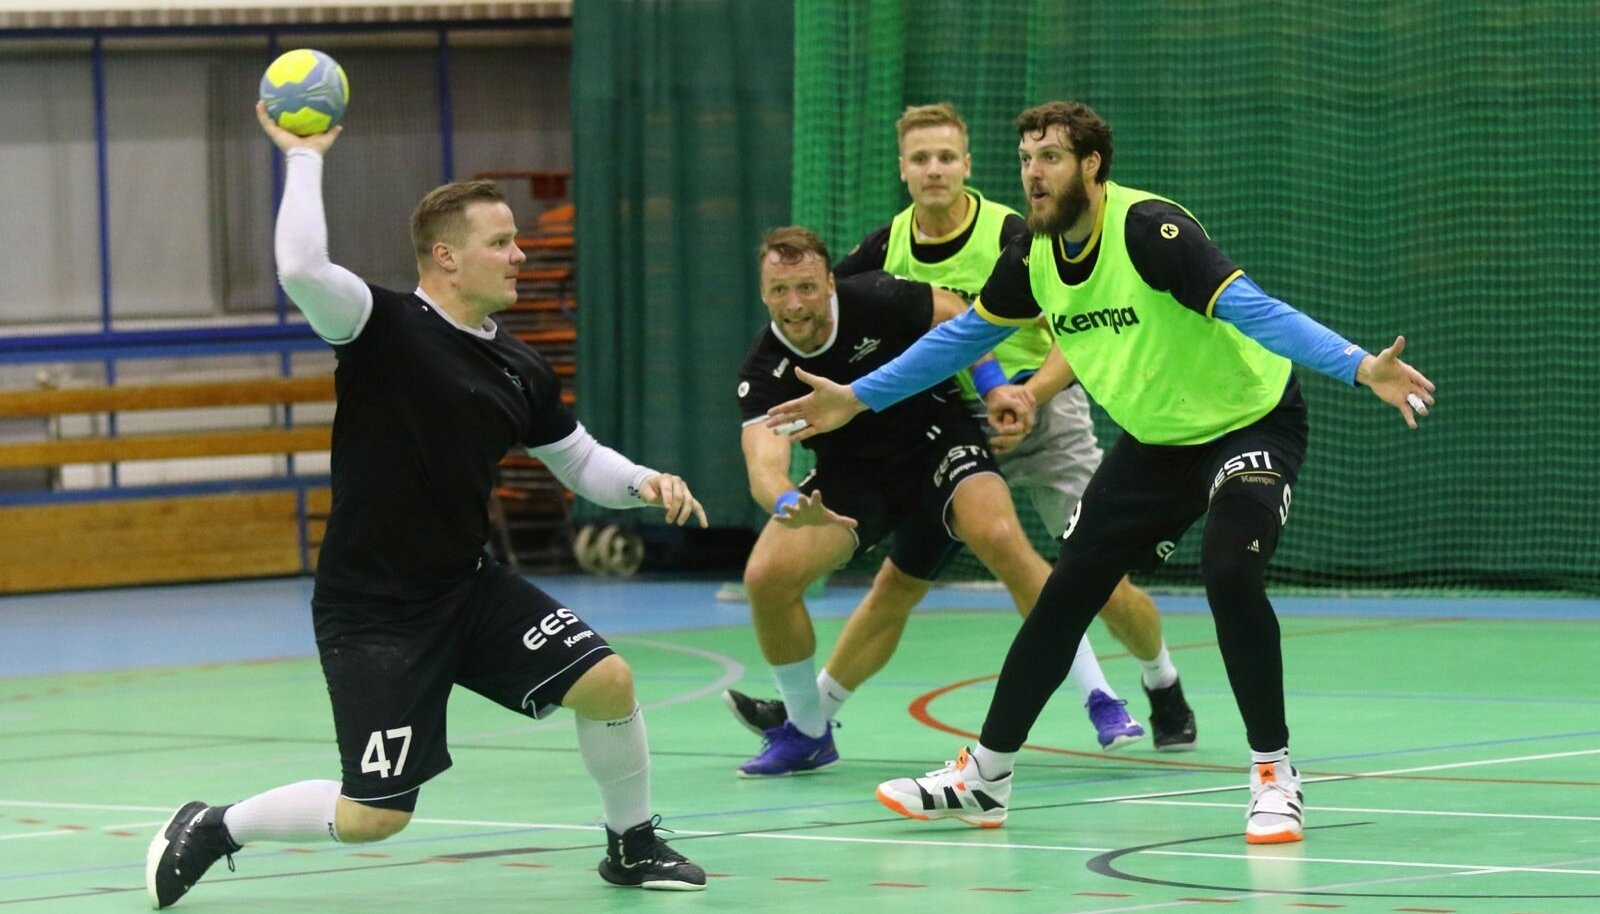 Eesti koondis treeninghoos – Kristo Voika, Martin Johannson, Sten Maasalu ja Mait Patrail.